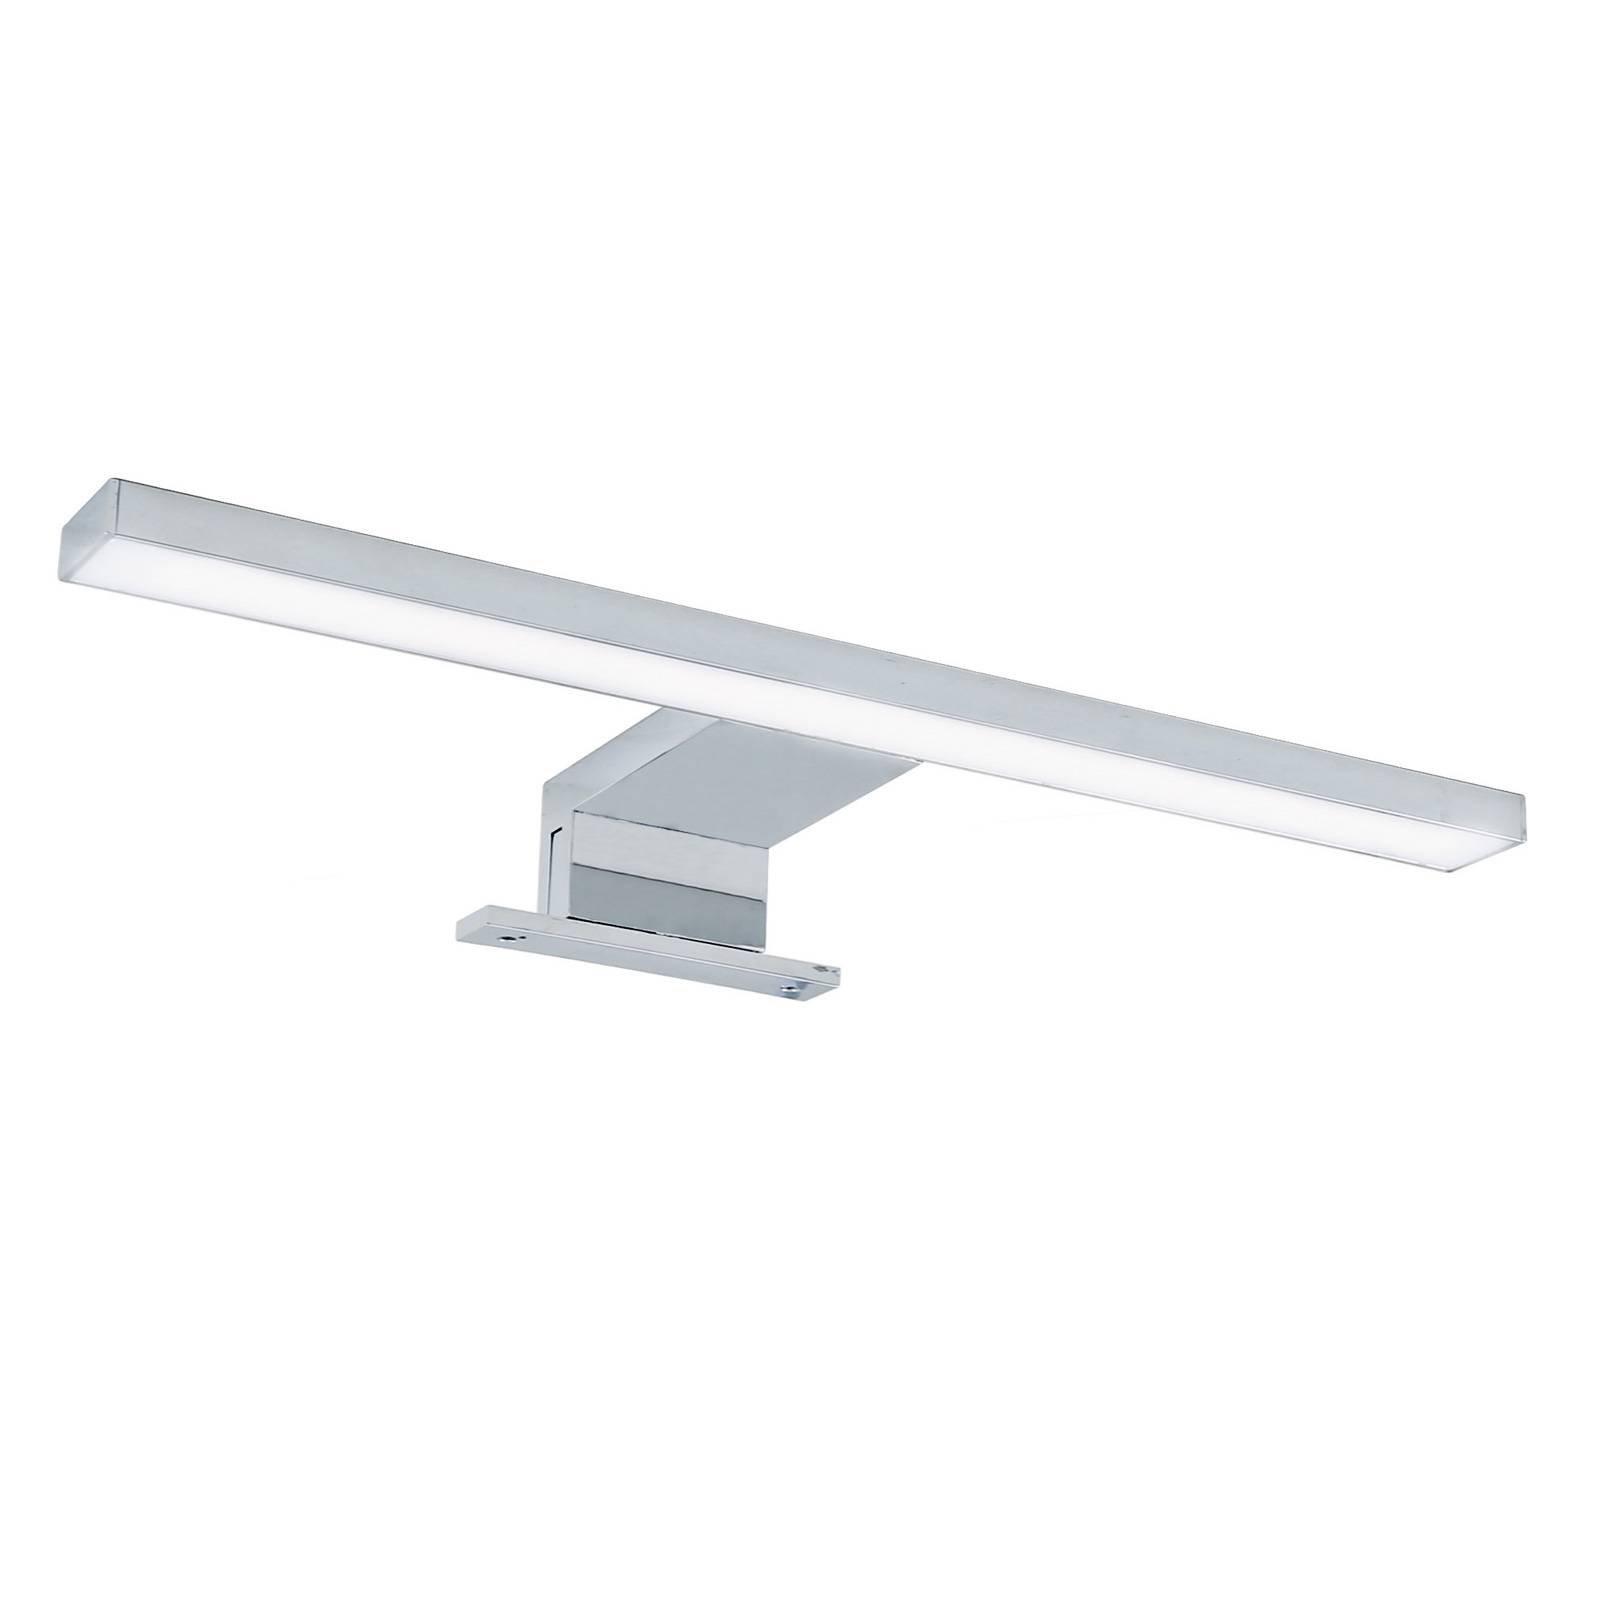 LED-speillampe 2104 30 cm